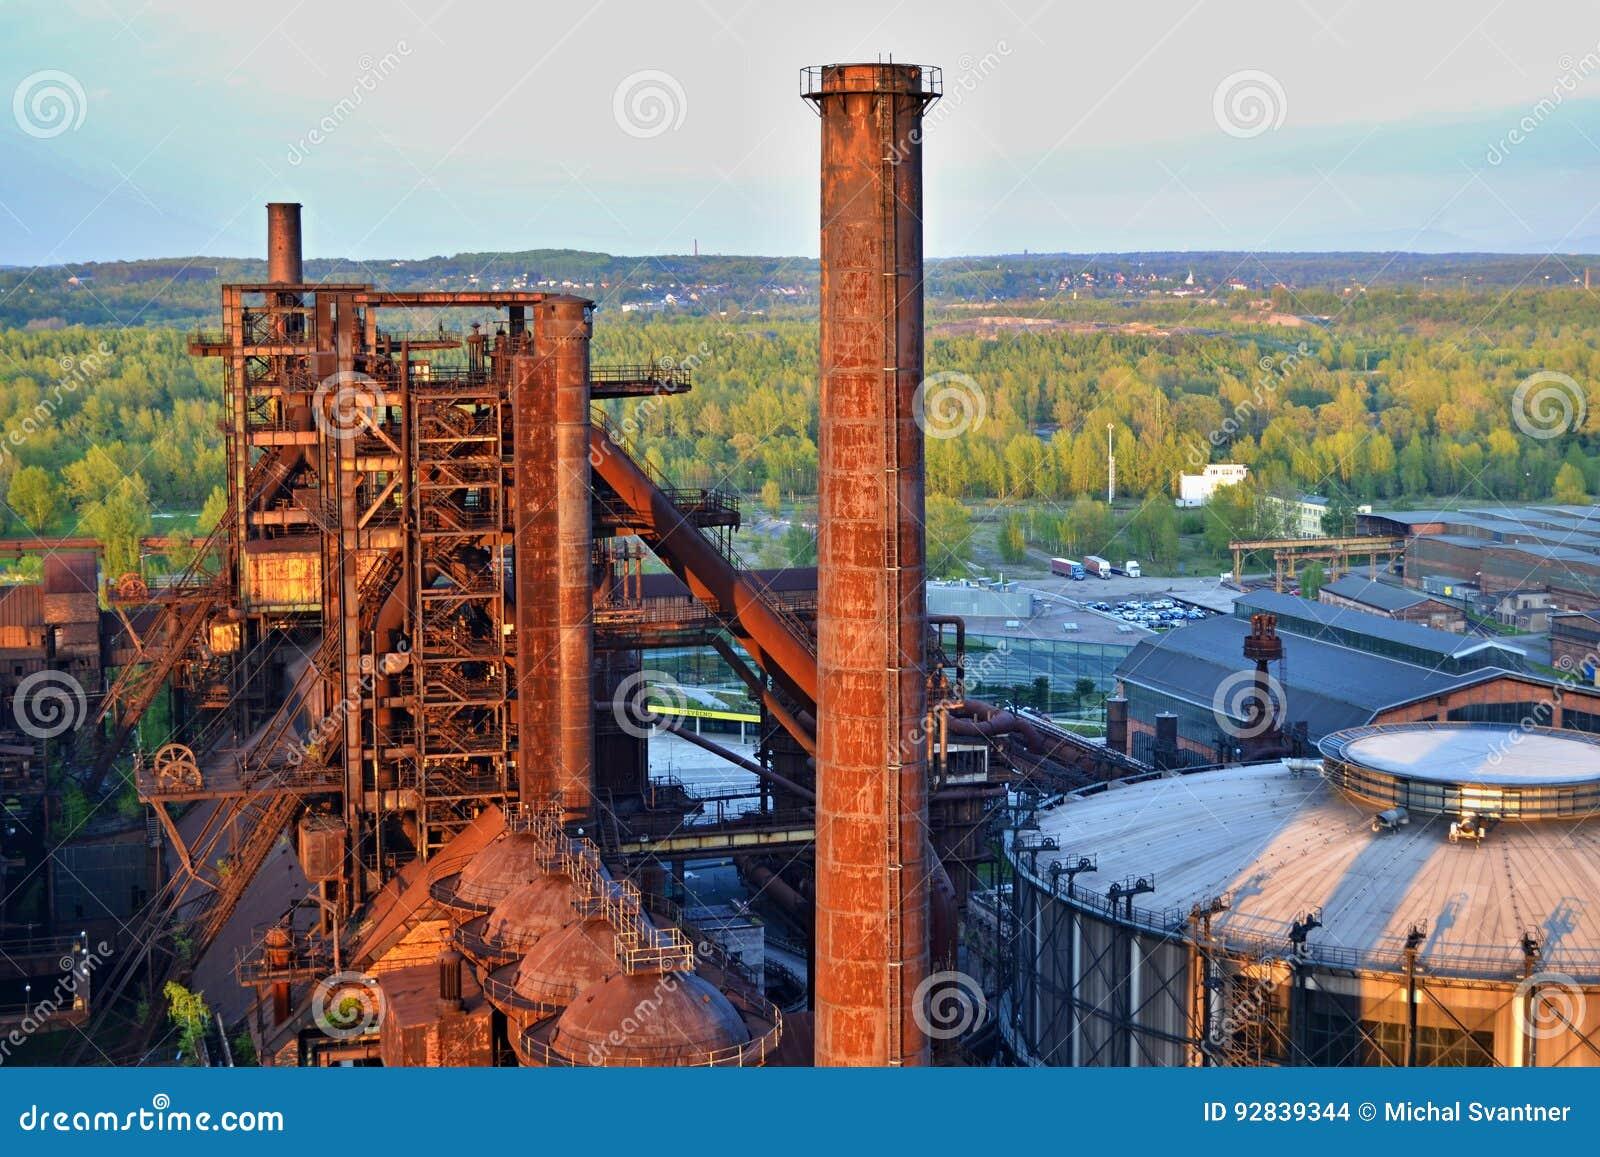 Usine abandonnée de ferronneries - cheminée rouillée ensoleillée par le soleil